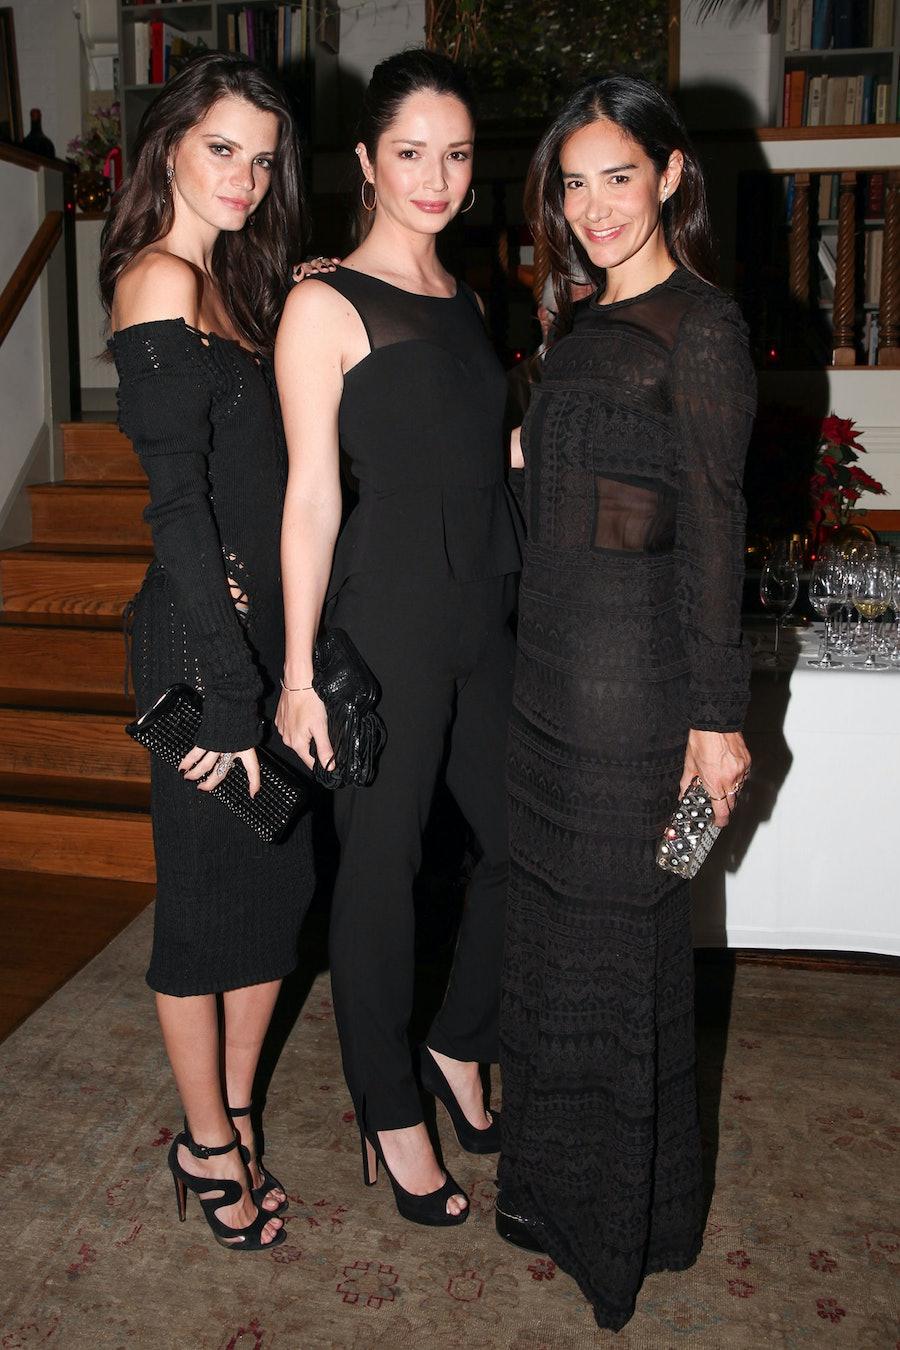 Jeisa Chiminazzo, Renata Maciel, and Ana Khouri